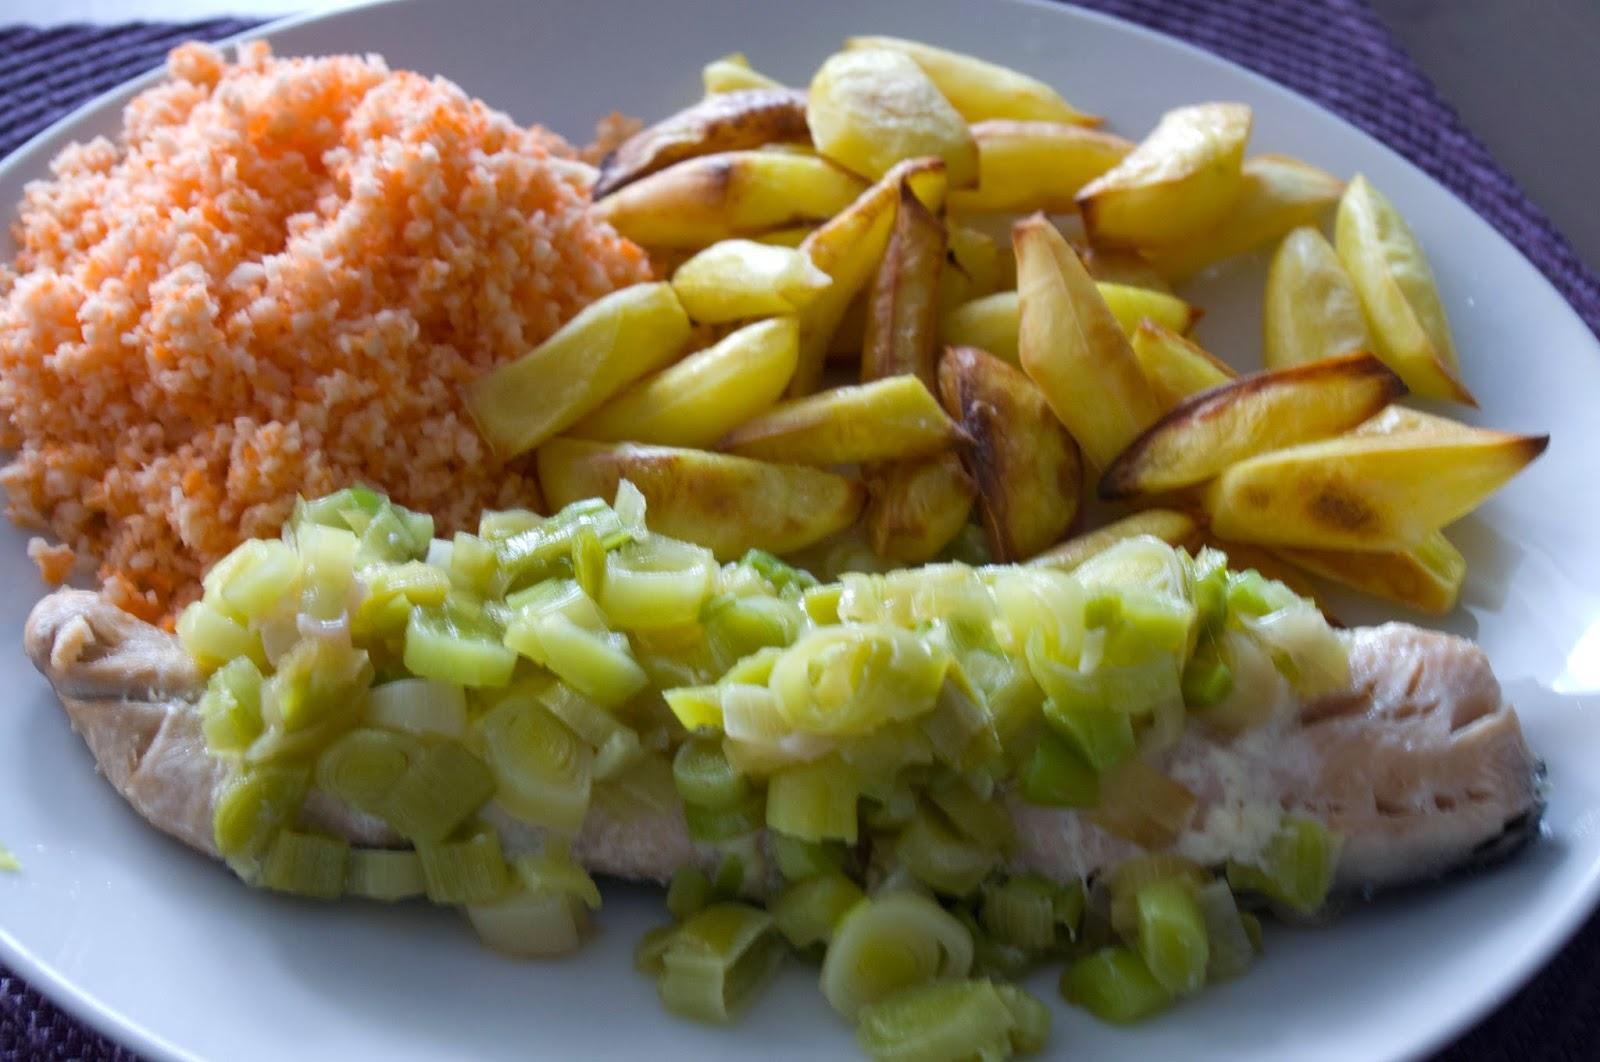 http://mojemenu.blogspot.com/2014/11/zdrowy-obiad-pstrag-ososiowy-frytki-bez.html